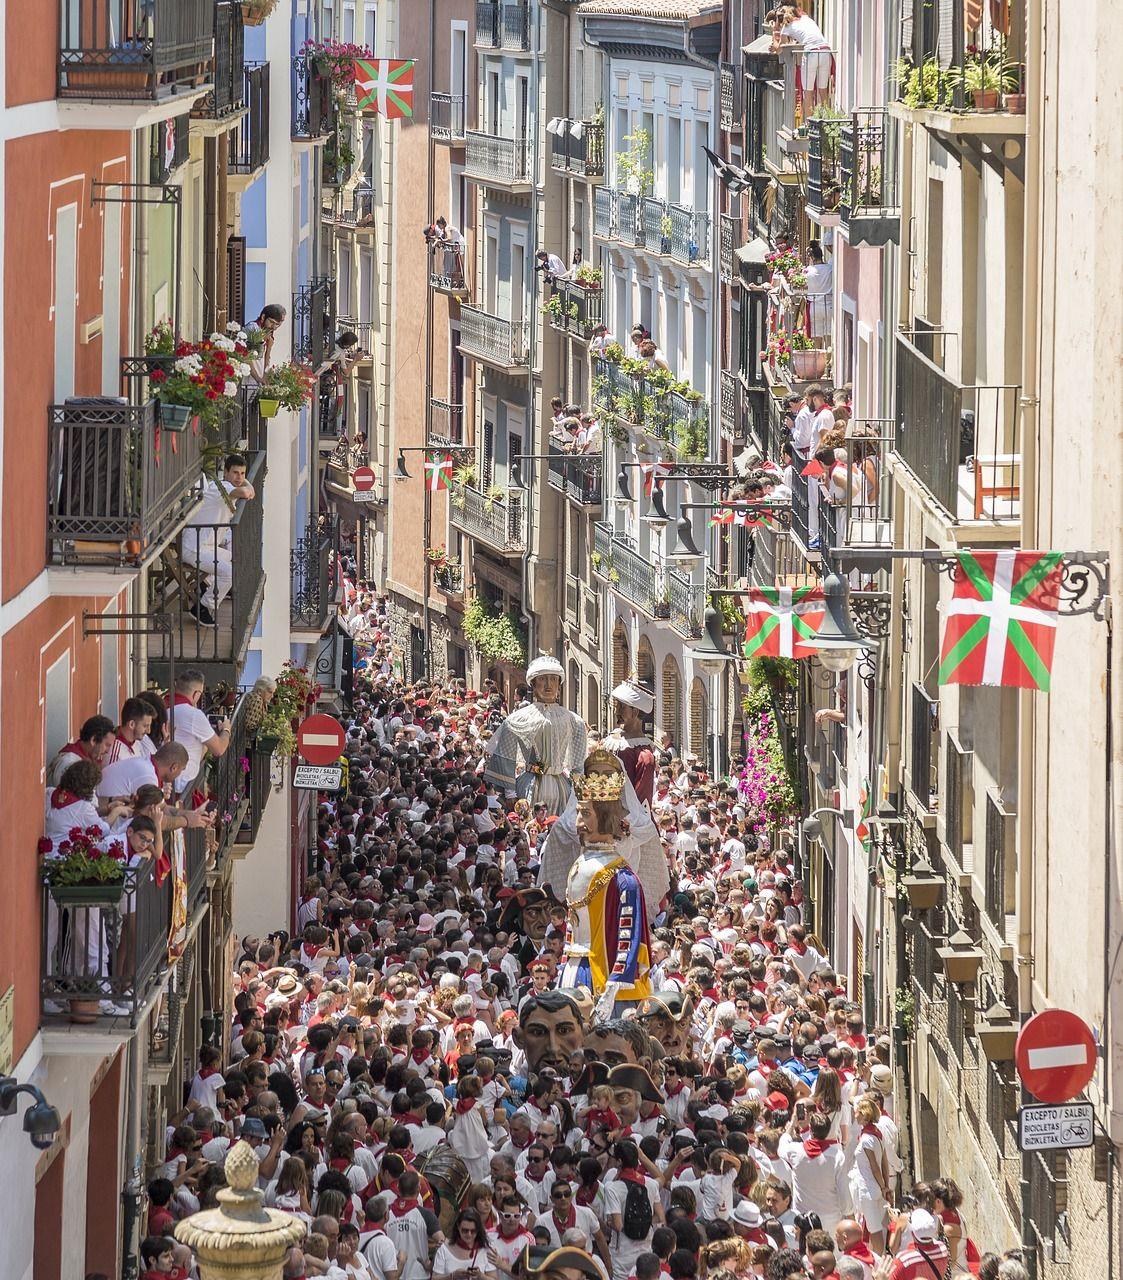 スペインで体験したい!シーズンごとのイベント